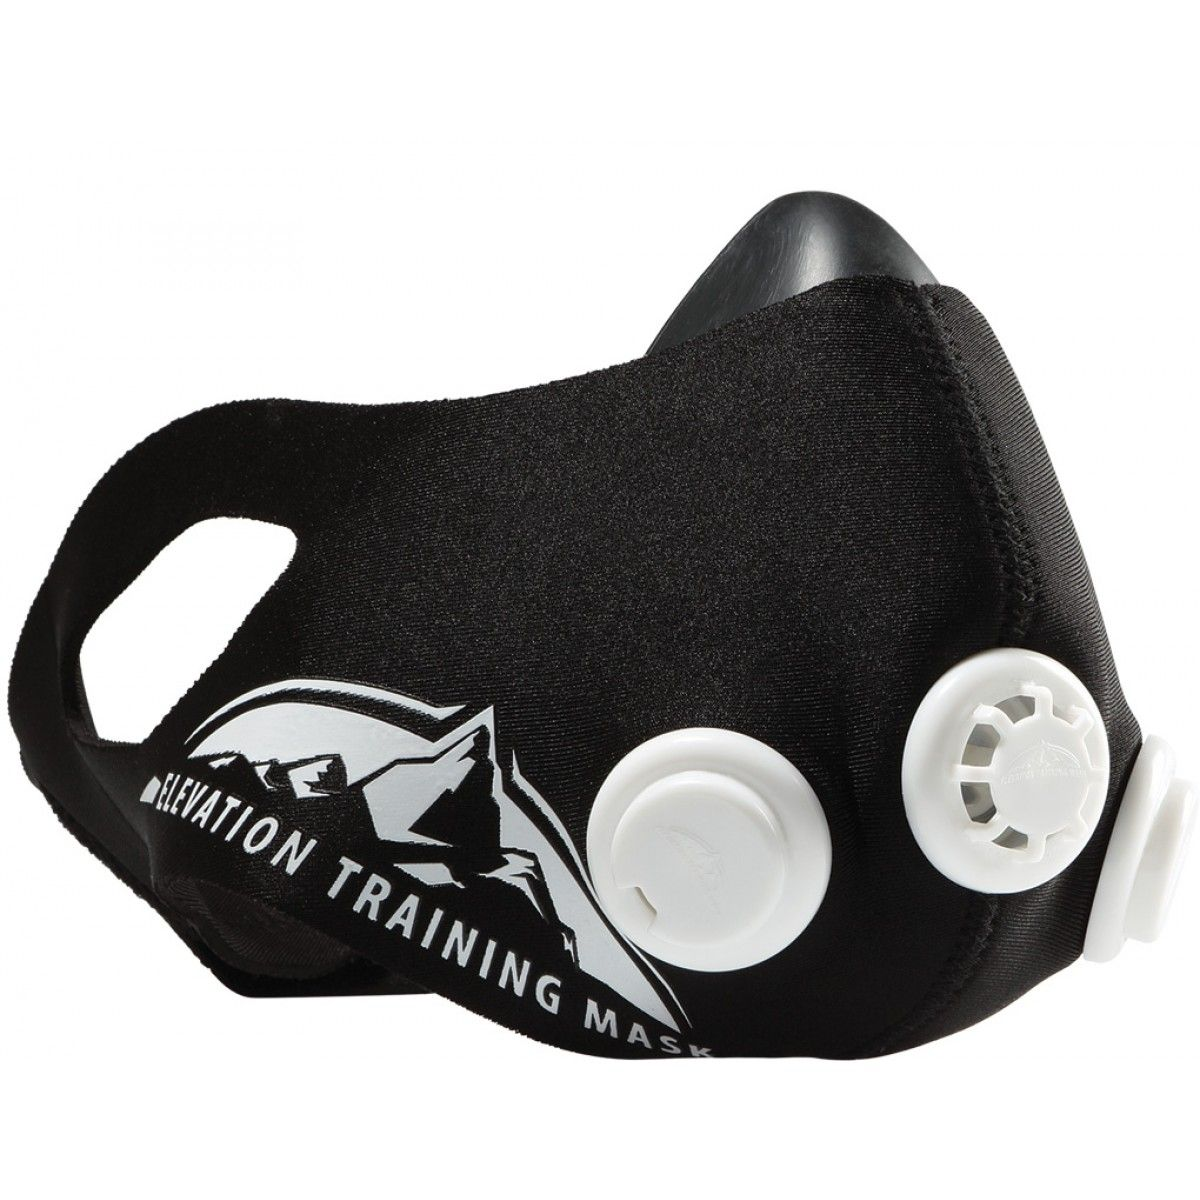 Тренировочная маска Elevation Training Mask 2.0 (размер M), для ограничения дыхания и выносливостиТренировочные маски<br>Тренировочная маска Elevation Training Mask 2.0 (размер M)<br><br> <br><br><br><br>Здоровый образ жизни приобретает все большую популярность. Существует множество приспособлений для занятий спортом. Training Мask 2.0 – революционный тренажер, который существенно увеличит продуктивность от тренировки. Множество спортсменов испытали действие спортивной маски.<br><br><br> <br><br><br>Современная жизнь оставляет мало свободного времени. Не каждый сможет позволить выделить на тренировки хотя бы час. Что же делать? Отказаться от спорта вообще или заниматься непродуктивно?<br><br><br> <br><br><br>Маска elevation training увеличивает эффект от занятий спортом! За счет уникальной конструкции, имитируются условия тренировки в Альпах. Это позволяет заниматься всего лишь 20 минут! И эффект будет как от часовой тренировки.<br><br><br> <br><br>Как устроена Elevation Mask 2.0?<br><br>Надежное крепление – благодаря специальным отверстиям для ушей, тренировочная маска останется в одном положении даже во время самых интенсивных тренировок.<br><br><br>Уникальное покрытие – специальное покрытие создает воздухонепроницаемое уплотнение. Оно не только моющееся, но и создается в различных цветовых вариантах!<br><br><br>Разные размеры – создаются маски малого, среднего и большого размера – все для вашего удобства.<br><br><br>Клапаны сопротивления – уникальная разработка! С помощью клапанов elevation mask 2.0 ваше тело будет тренироваться еще лучше!<br><br><br> <br><br><br> <br><br><br> <br><br>Устройство клапанов:<br><br>Переменное сопротивление – Специальные колпачки позволяют изменить сопротивление, исходя из построения силовой тренировки или на выносливость.<br><br><br>Клапан регулировки входного потока воздуха – устройство, увеличивающее сопротивление воздухозаборника, благодаря чему имитируется тренировка на высоте.<br><br><br>Переключение интенсивности – мобильность